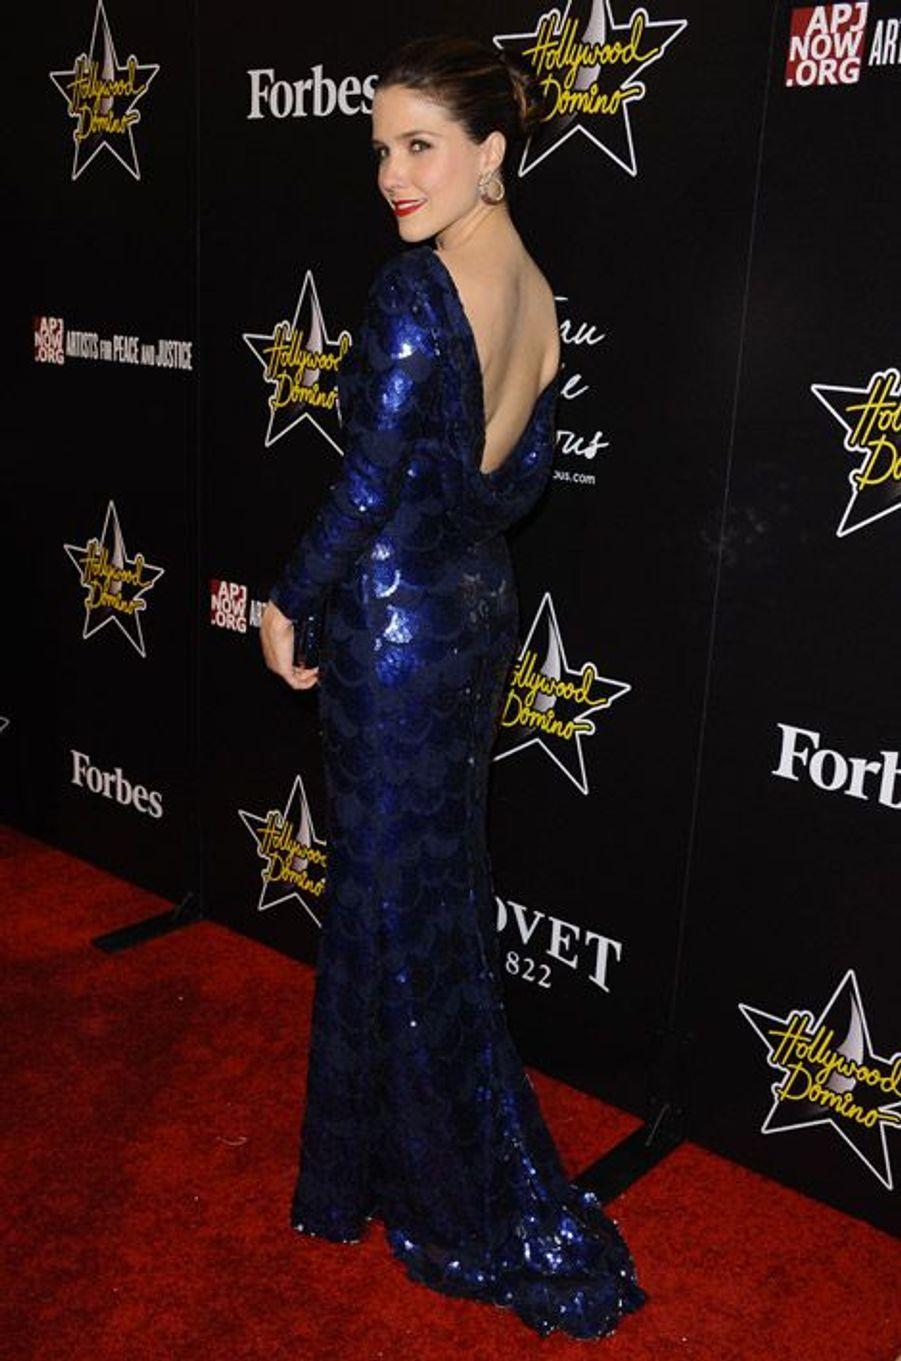 Vraie star hollywoodienne pour un gala à Los Angeles en février 2012